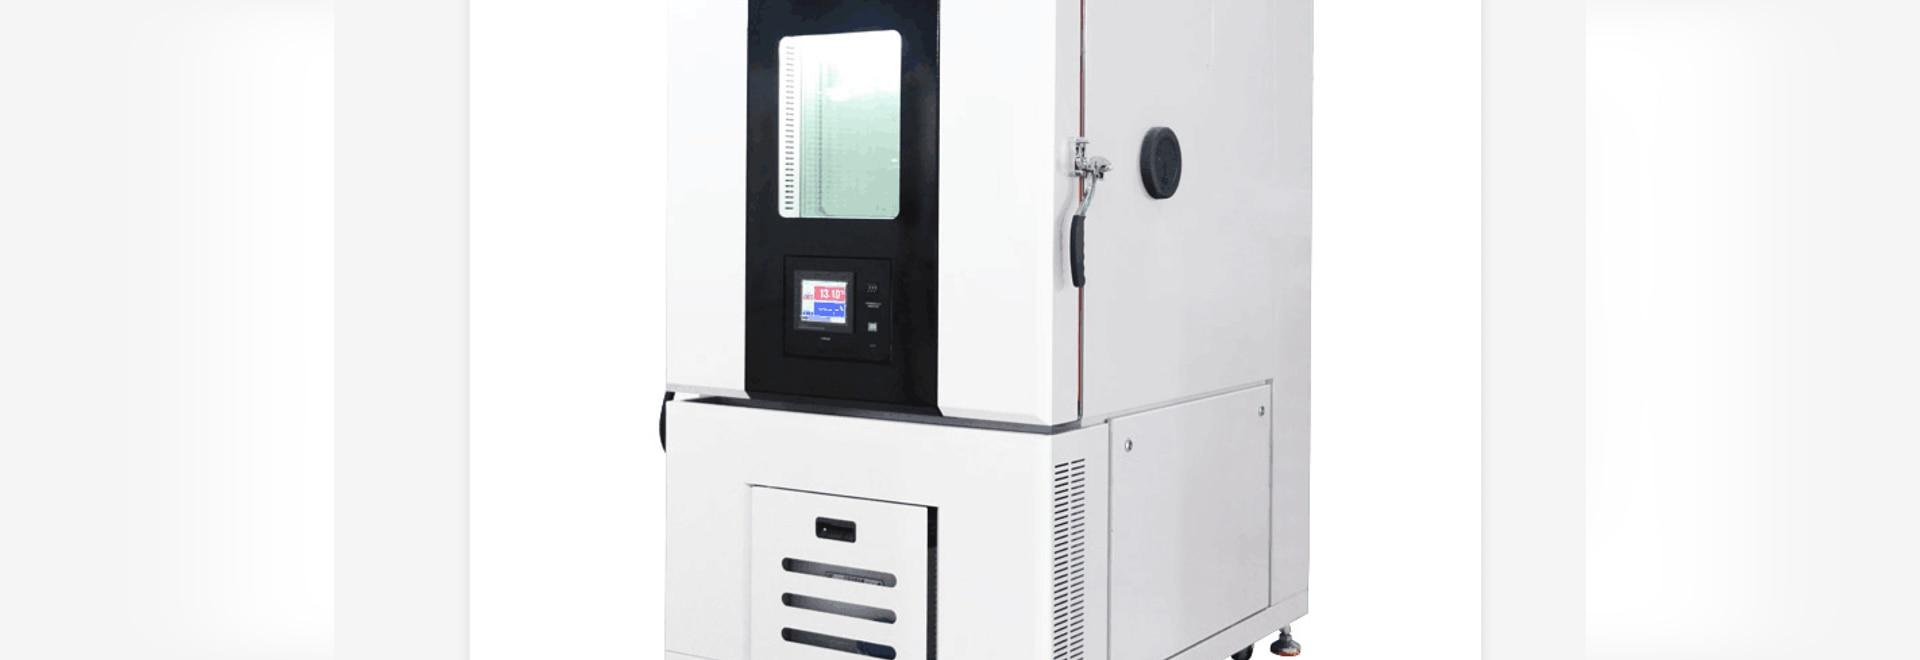 Nouvelle conception de la chambre d'essai de température et d'humidité